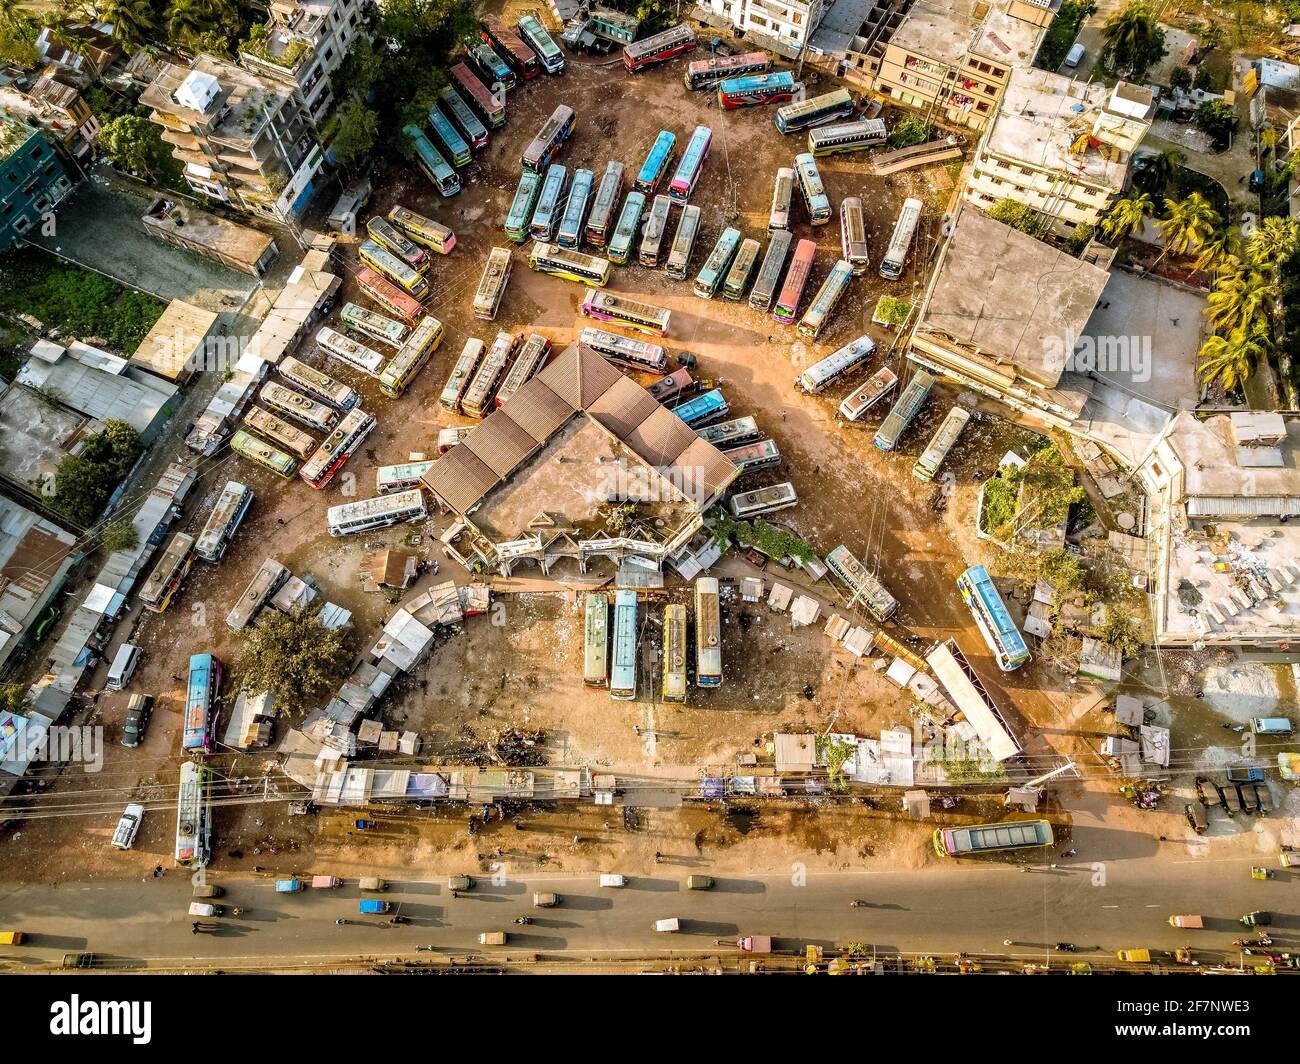 Barishal, Barishal, Bangladesh. 9 avril 2021. Plusieurs bus sont garés à la gare routière centrale de Barisal, l'un des plus achalandés de la région sud du pays, au cours d'une semaine nationale Covid LockDown qui a commencé lundi Credit: Mustasinur Rahman Alvi/ZUMA Wire/Alamy Live News Banque D'Images